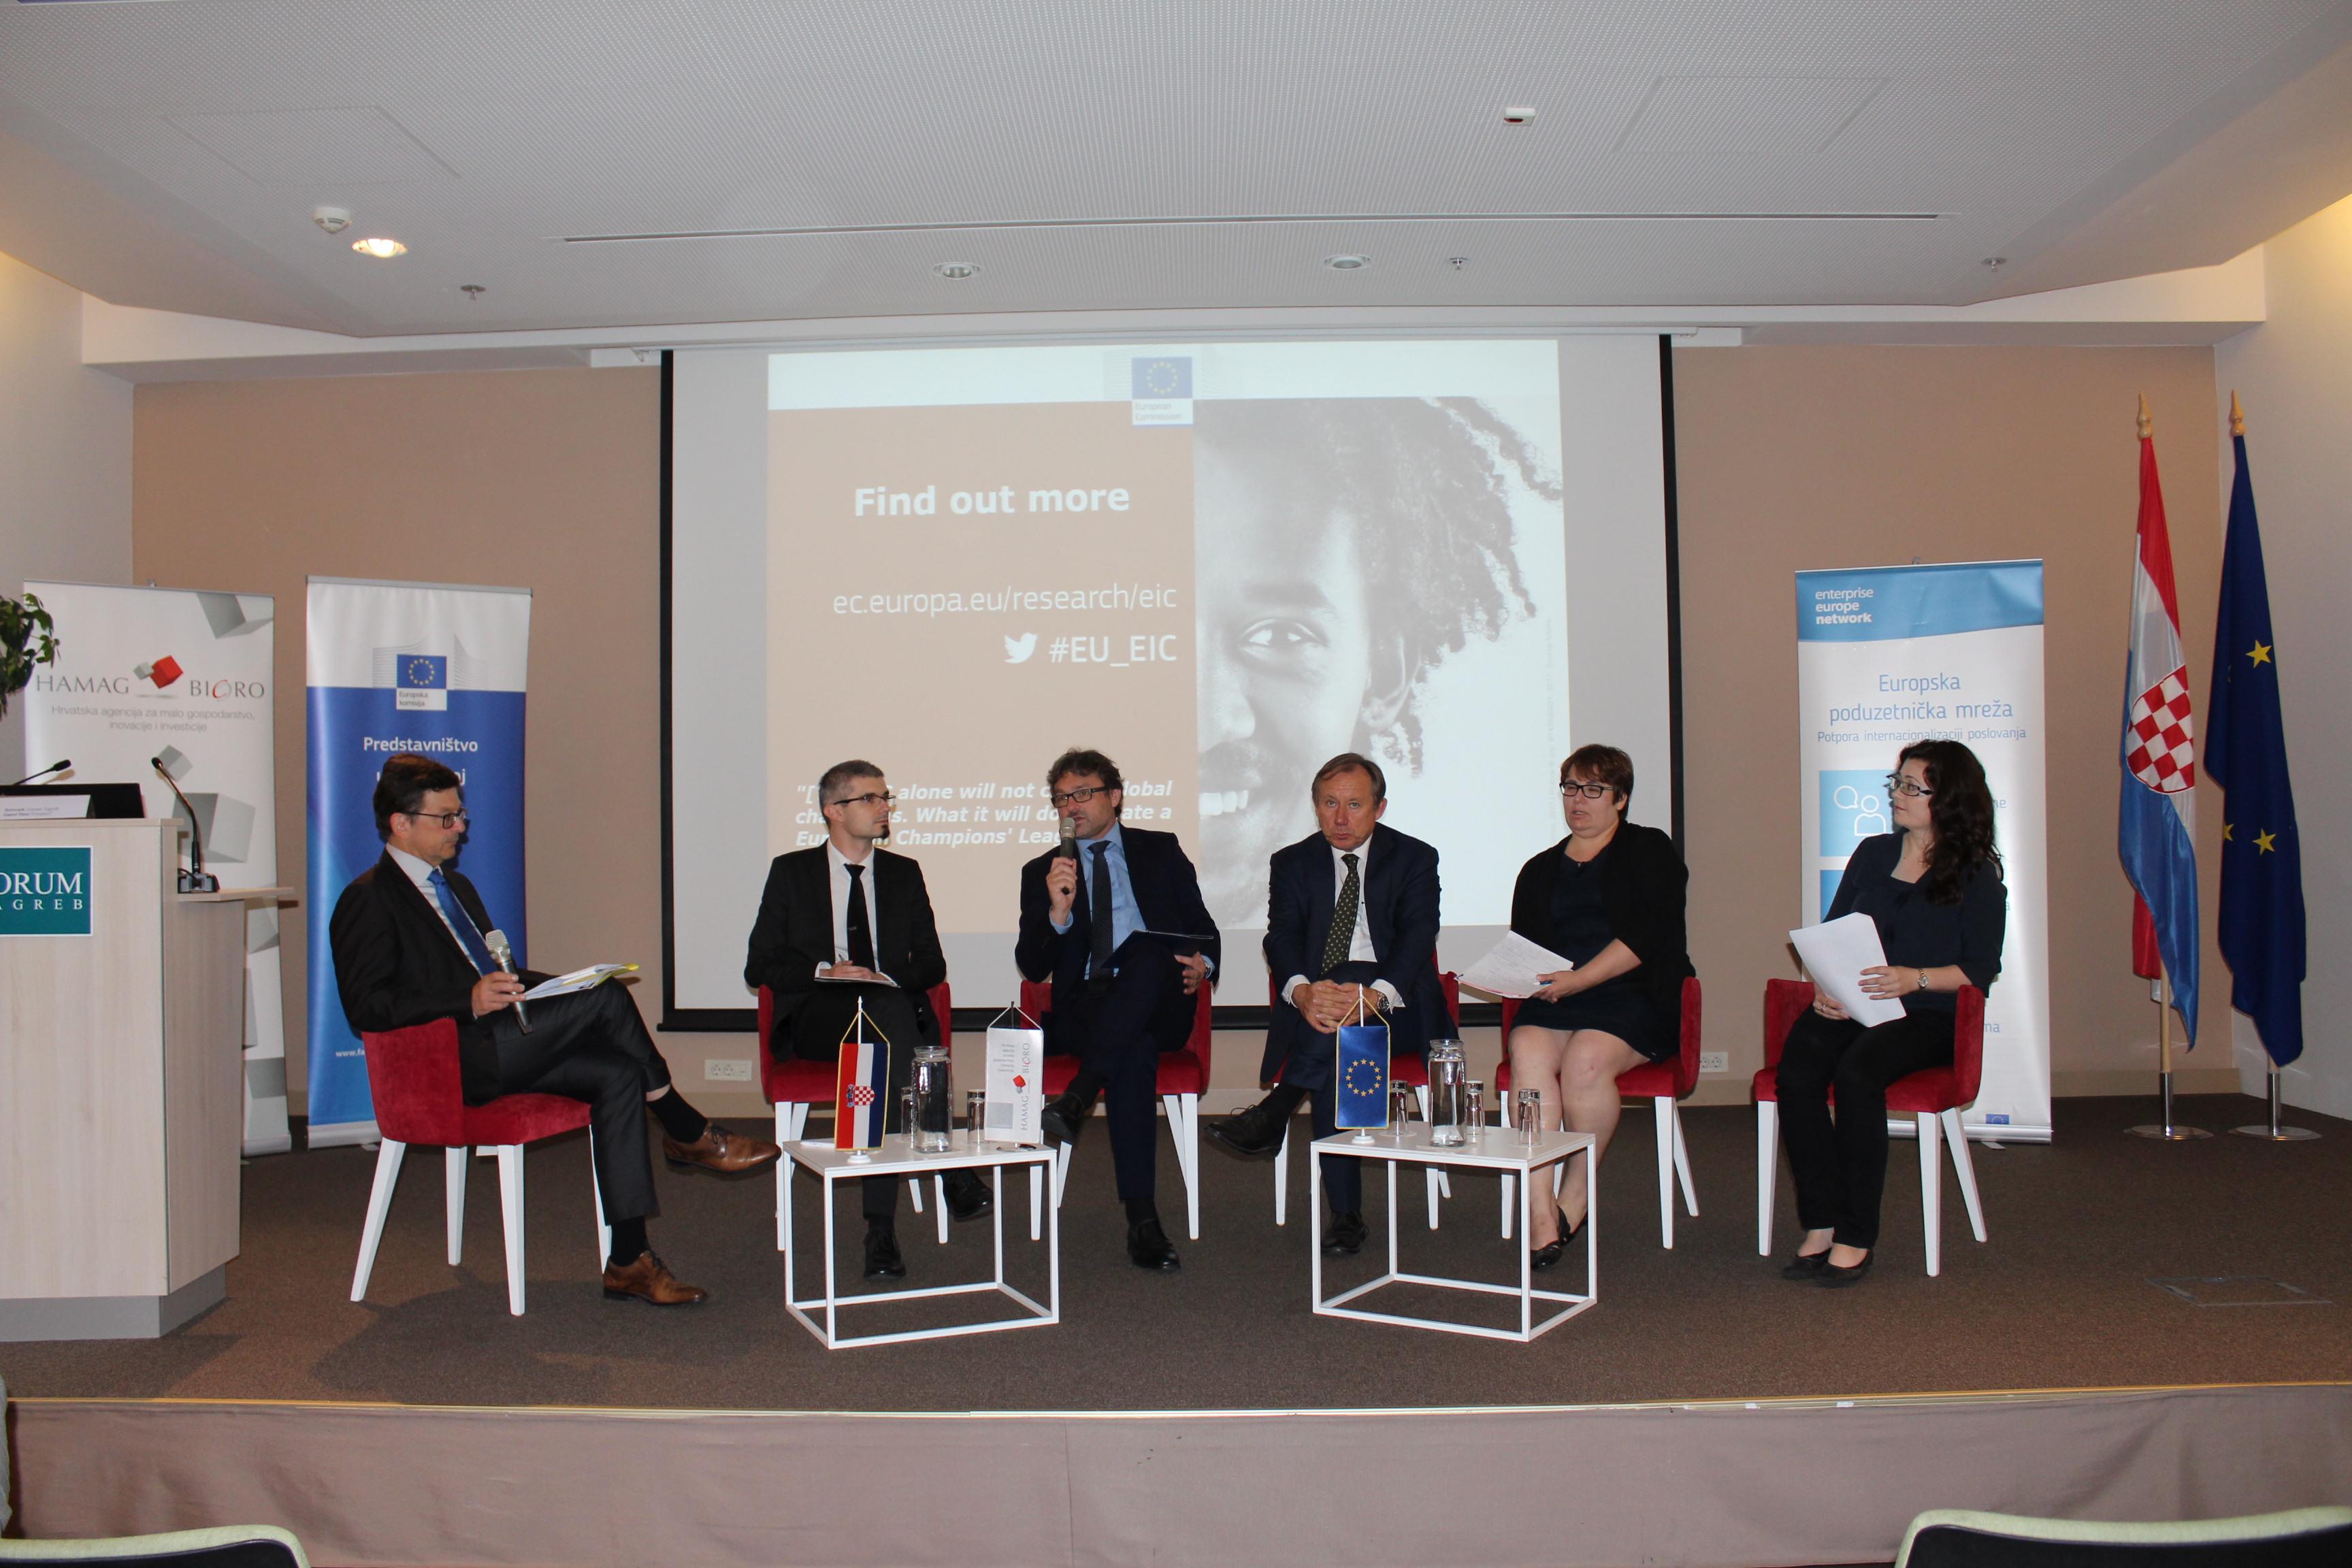 Europska komisija i HAMAG-BICRO predstavili unaprijeđeni model financiranja za inovativne projekte